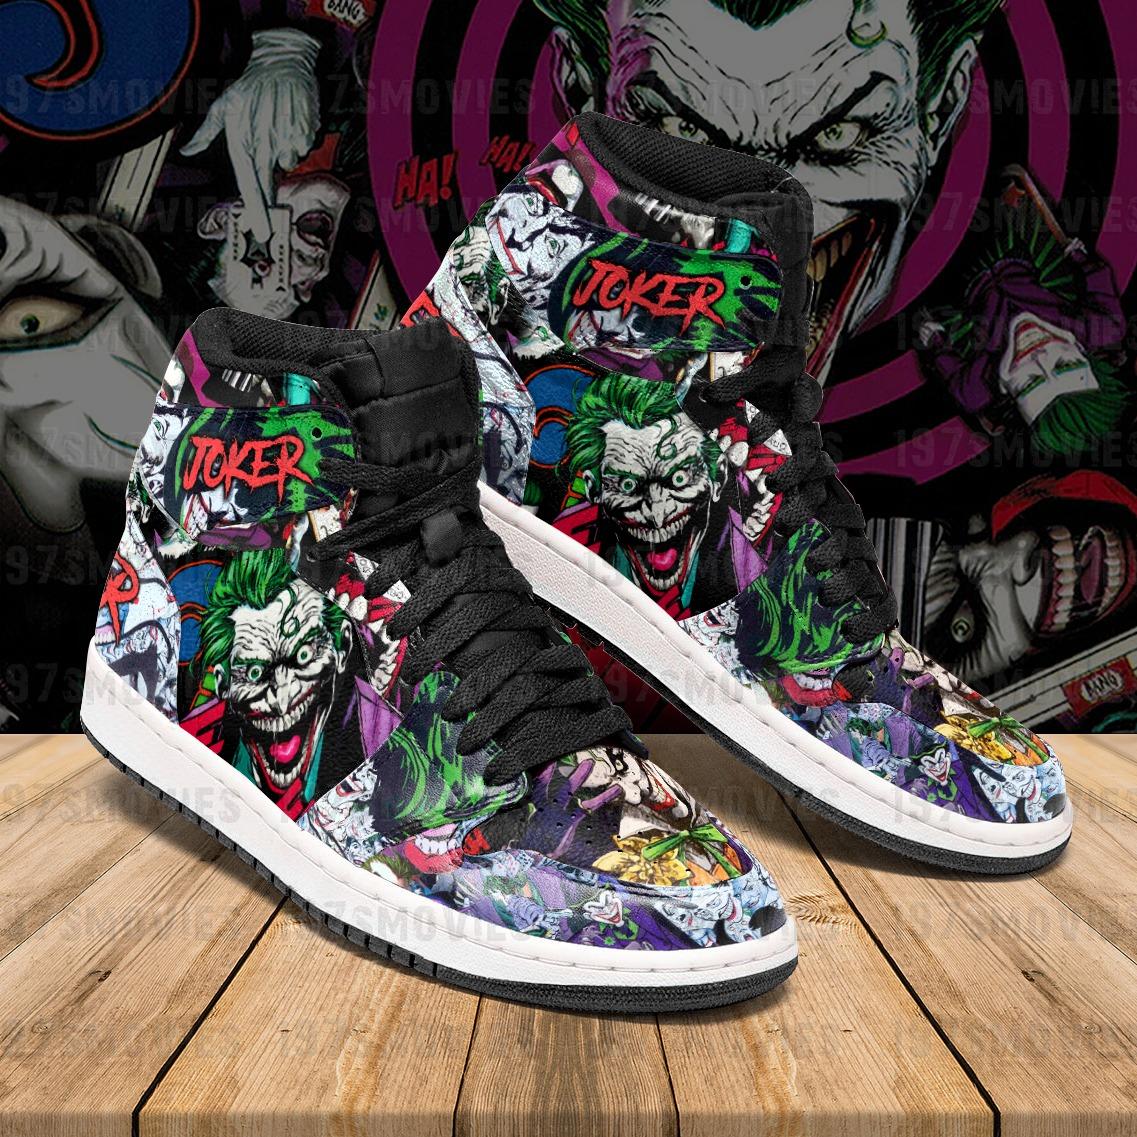 Joker JD Sneaker High Top Shoes - Hothot 020921